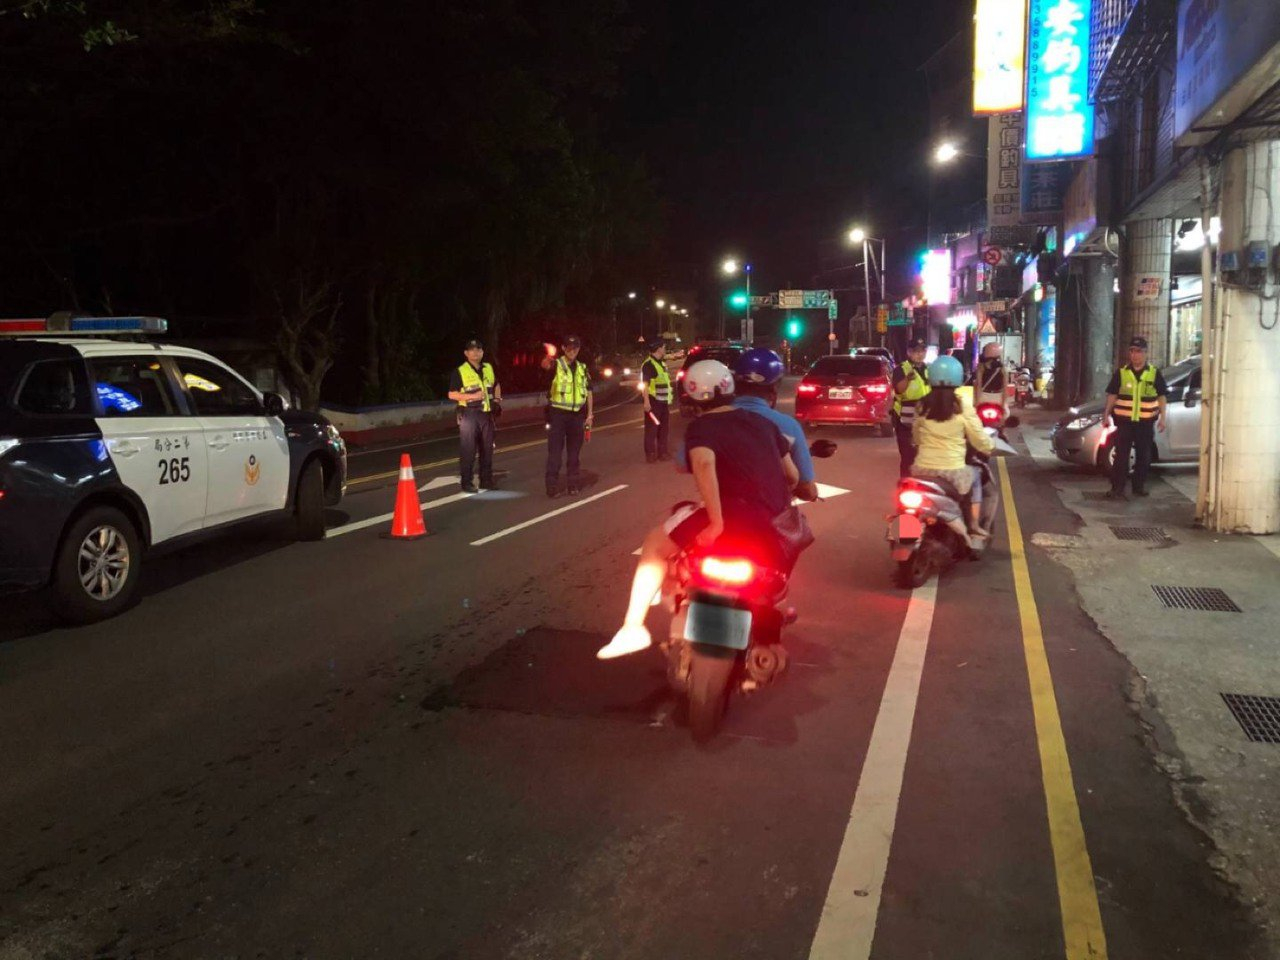 基隆市警方預告21日至23日將執行取締酒後駕車大執法,在易肇事路段實施路檢,遏止...